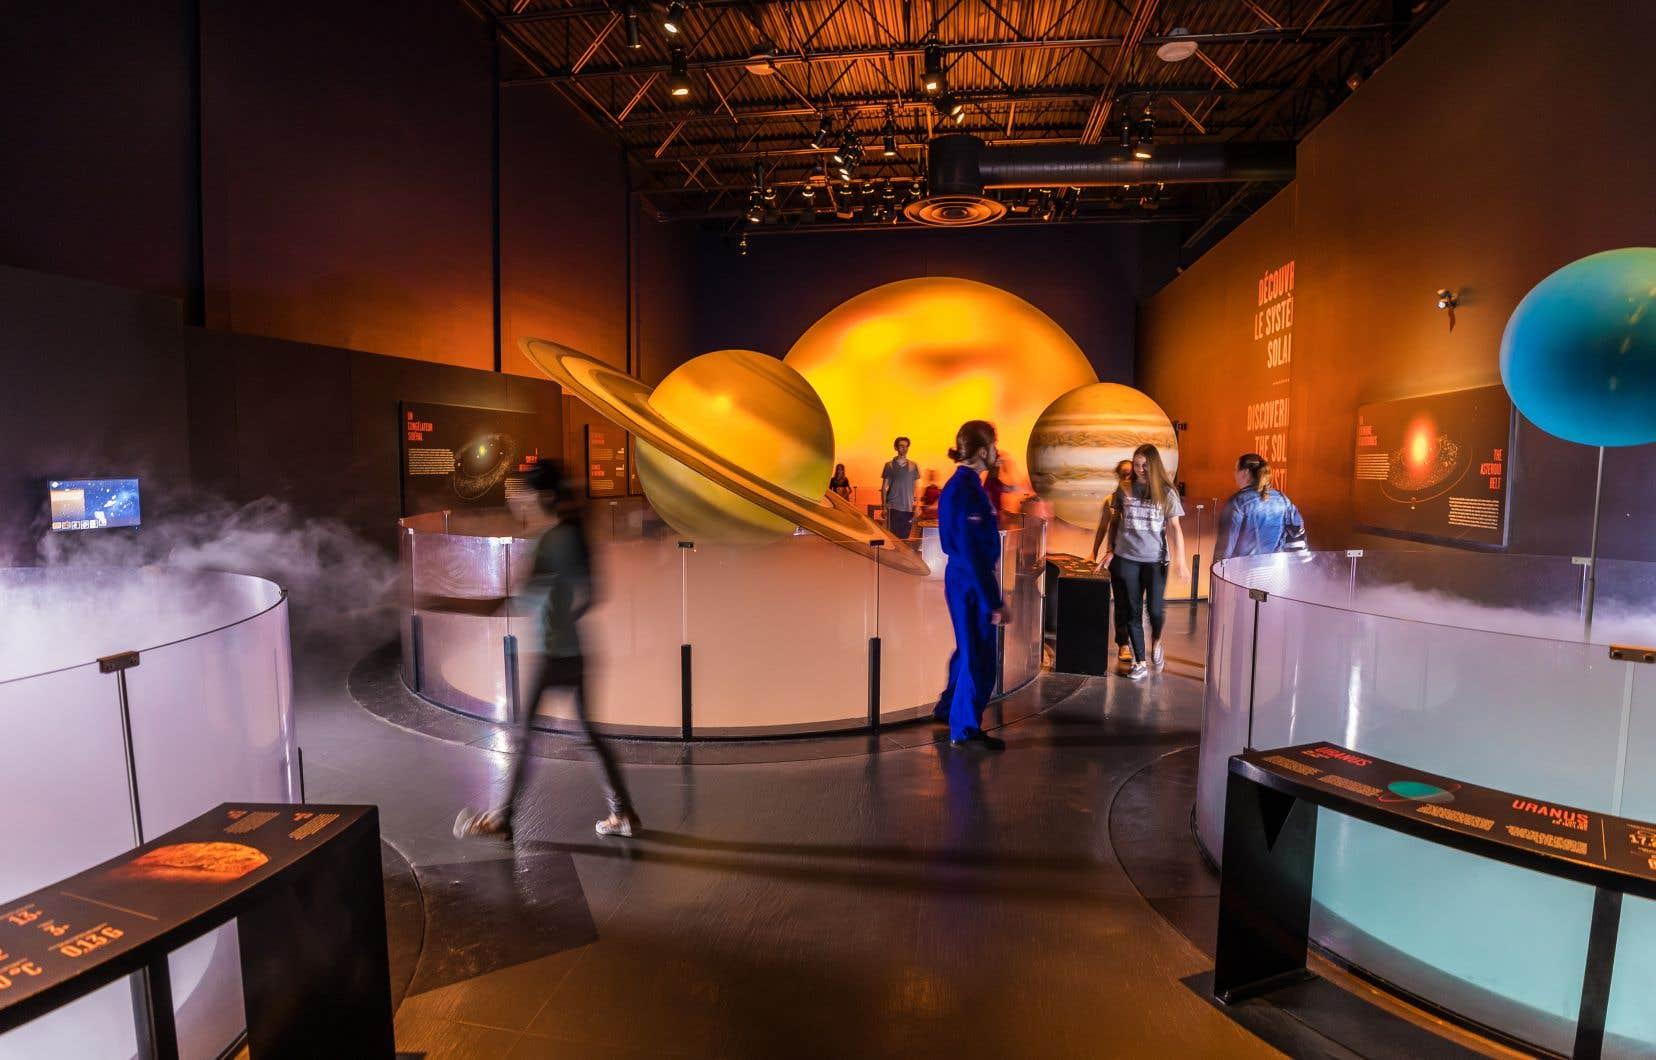 L'exposition permanente du Cosmodôme permet de découvrir l'astronautique  (les véhicules spatiaux), l'exploration spatiale, l'histoire de la conquête de l'espace, le système solaire et les météorites.